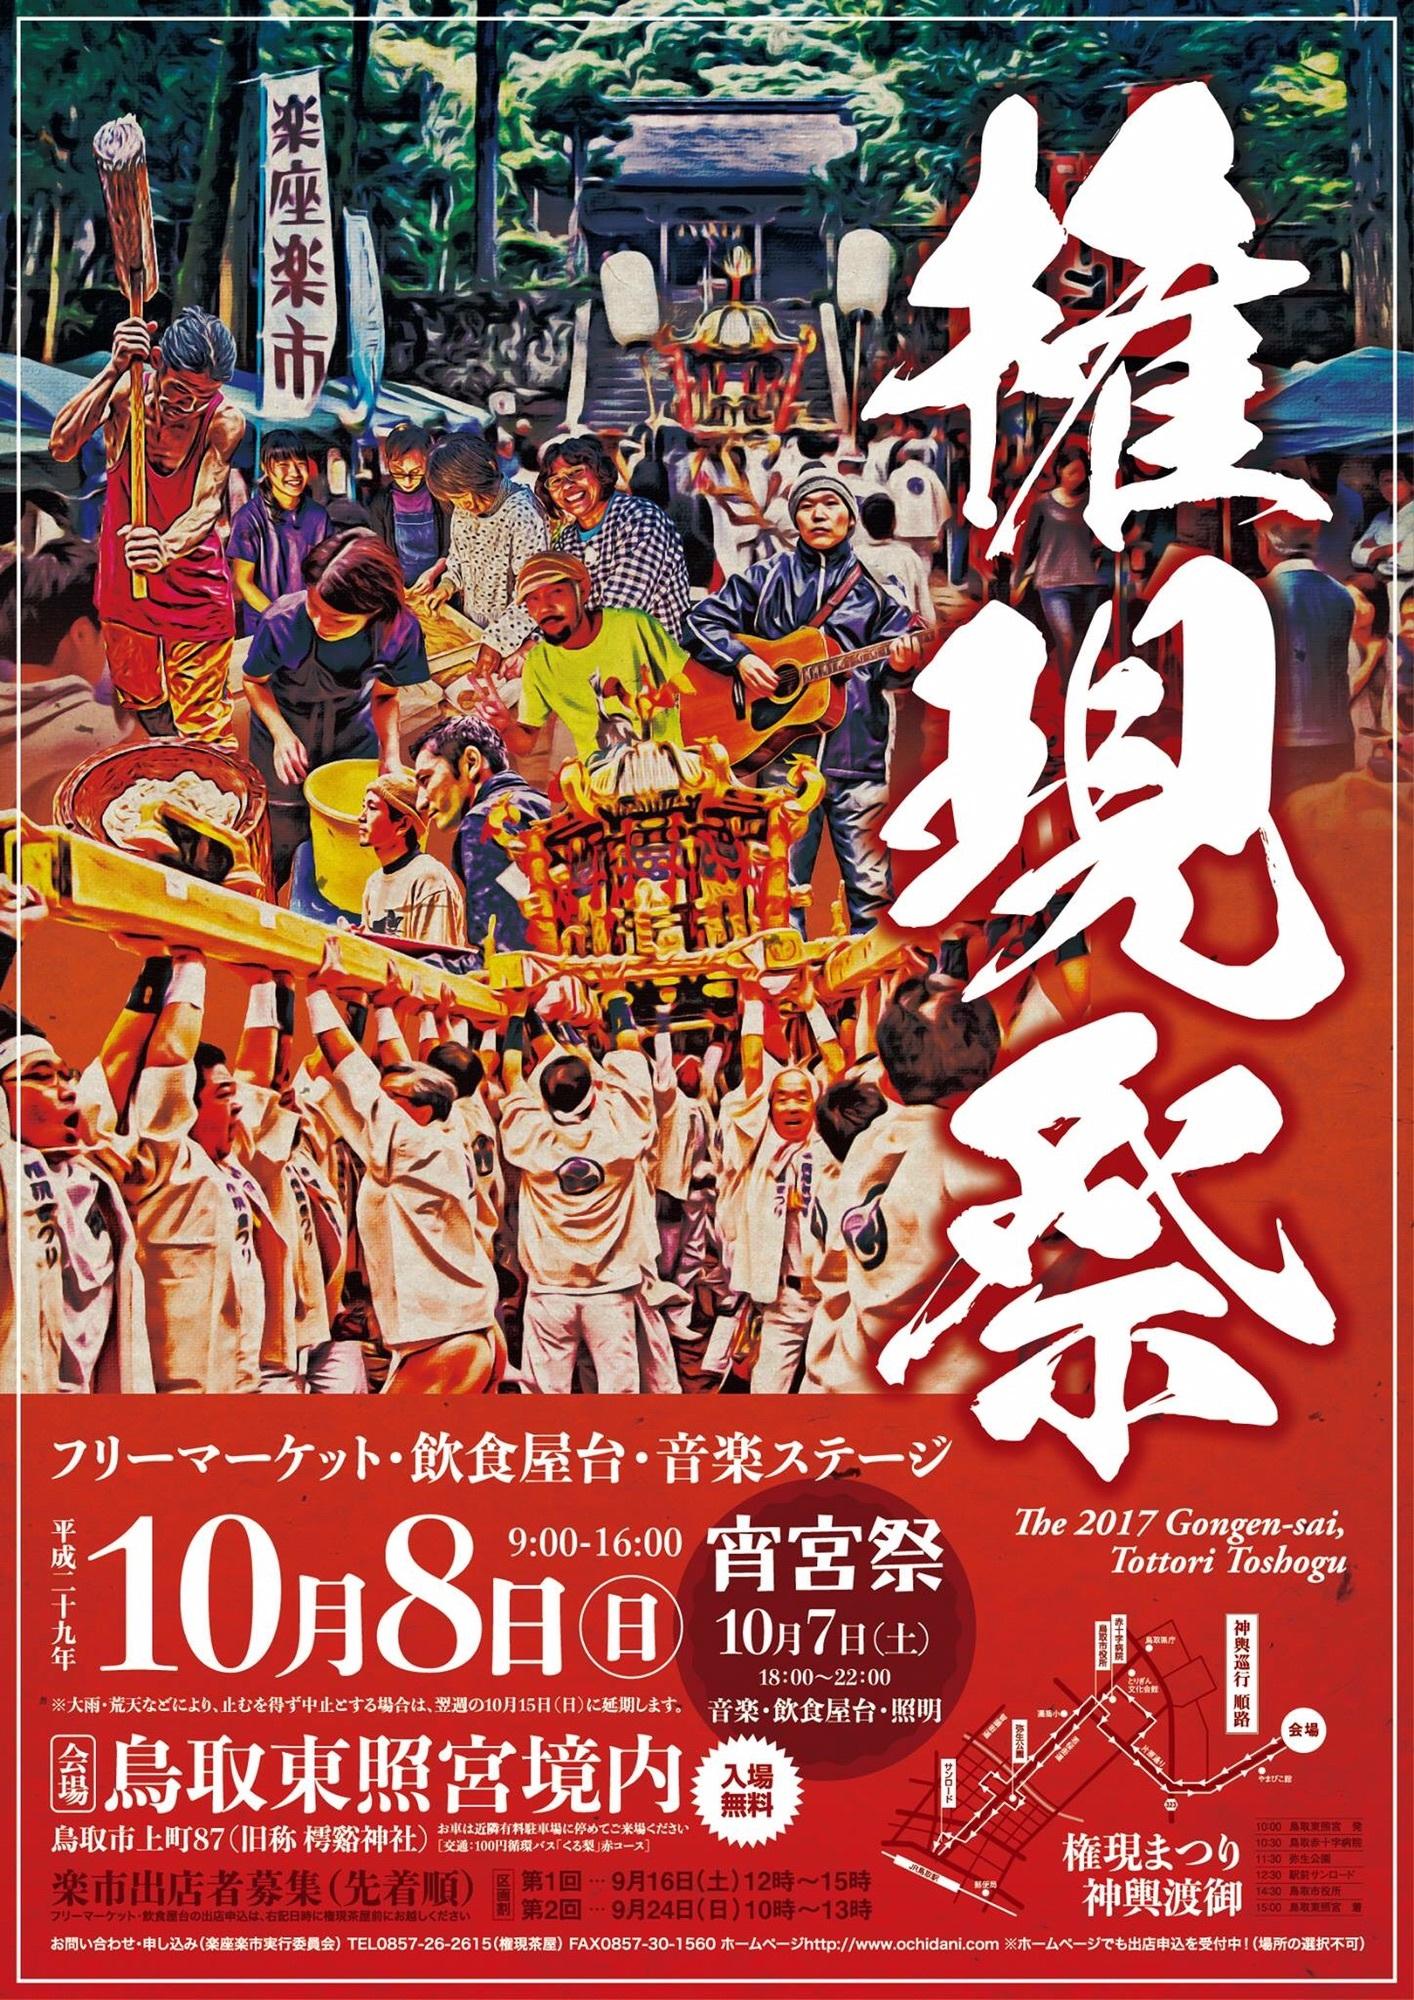 2017権現祭ポスター